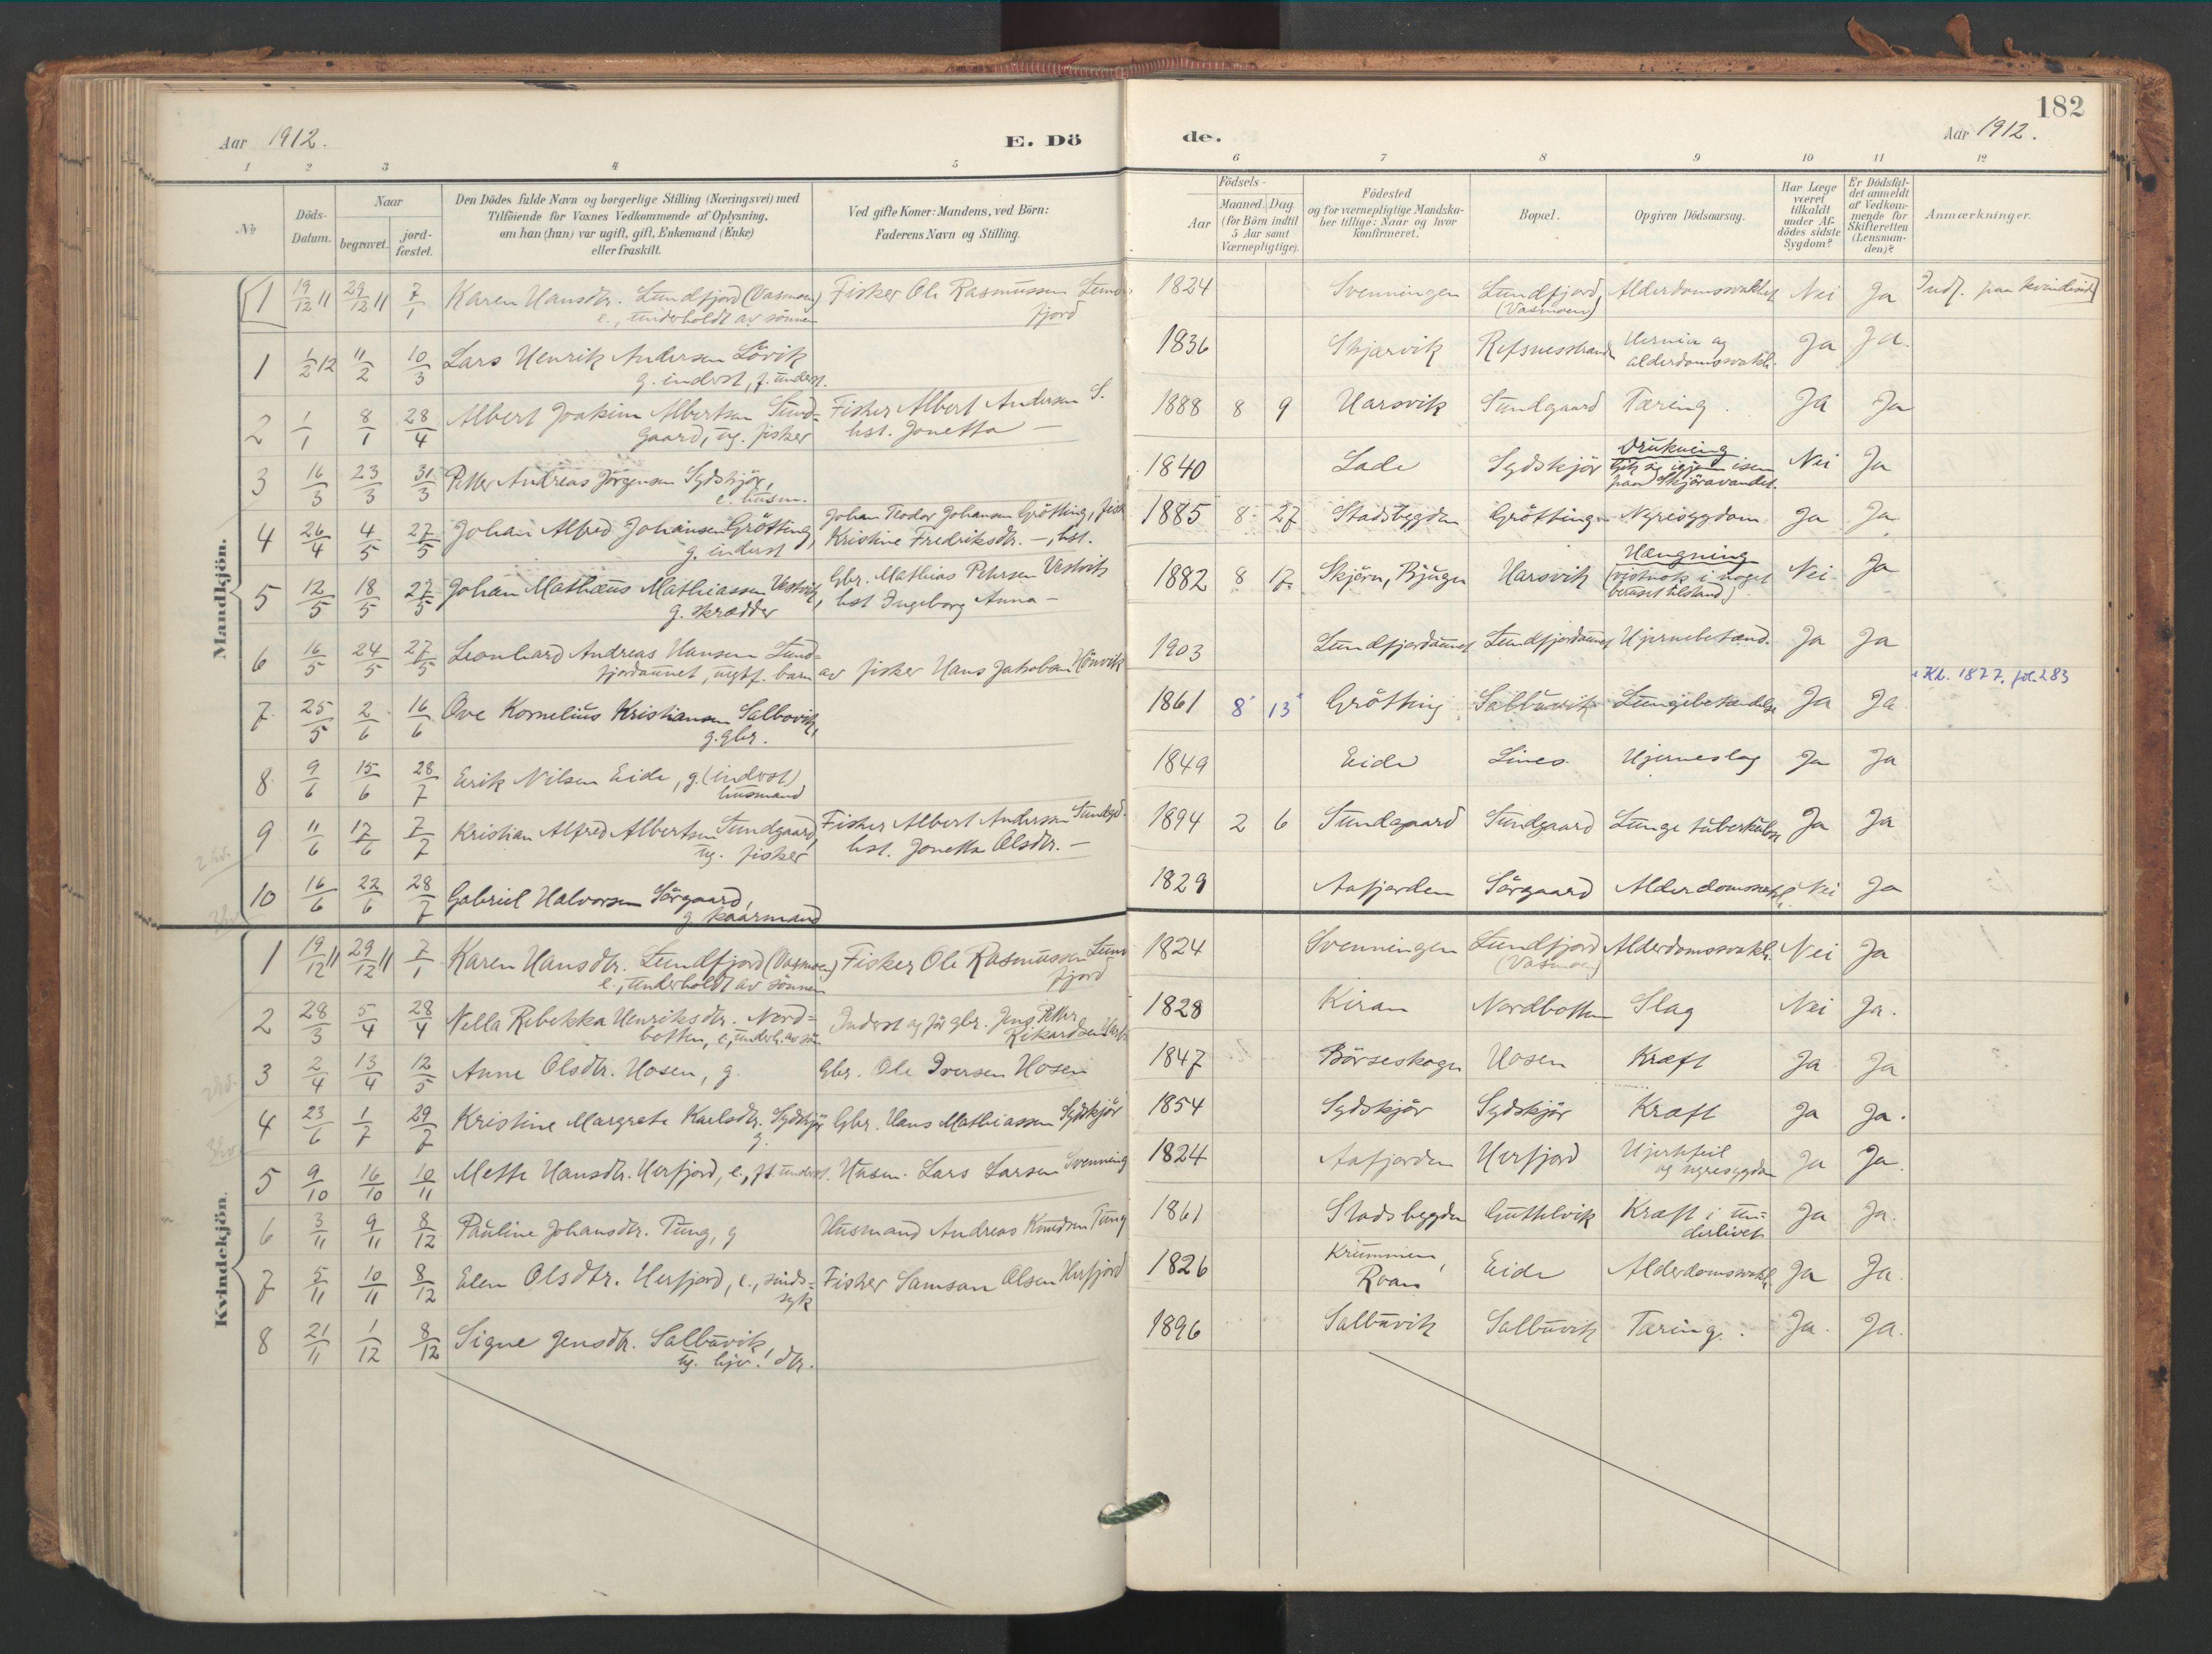 SAT, Ministerialprotokoller, klokkerbøker og fødselsregistre - Sør-Trøndelag, 656/L0693: Ministerialbok nr. 656A02, 1894-1913, s. 182